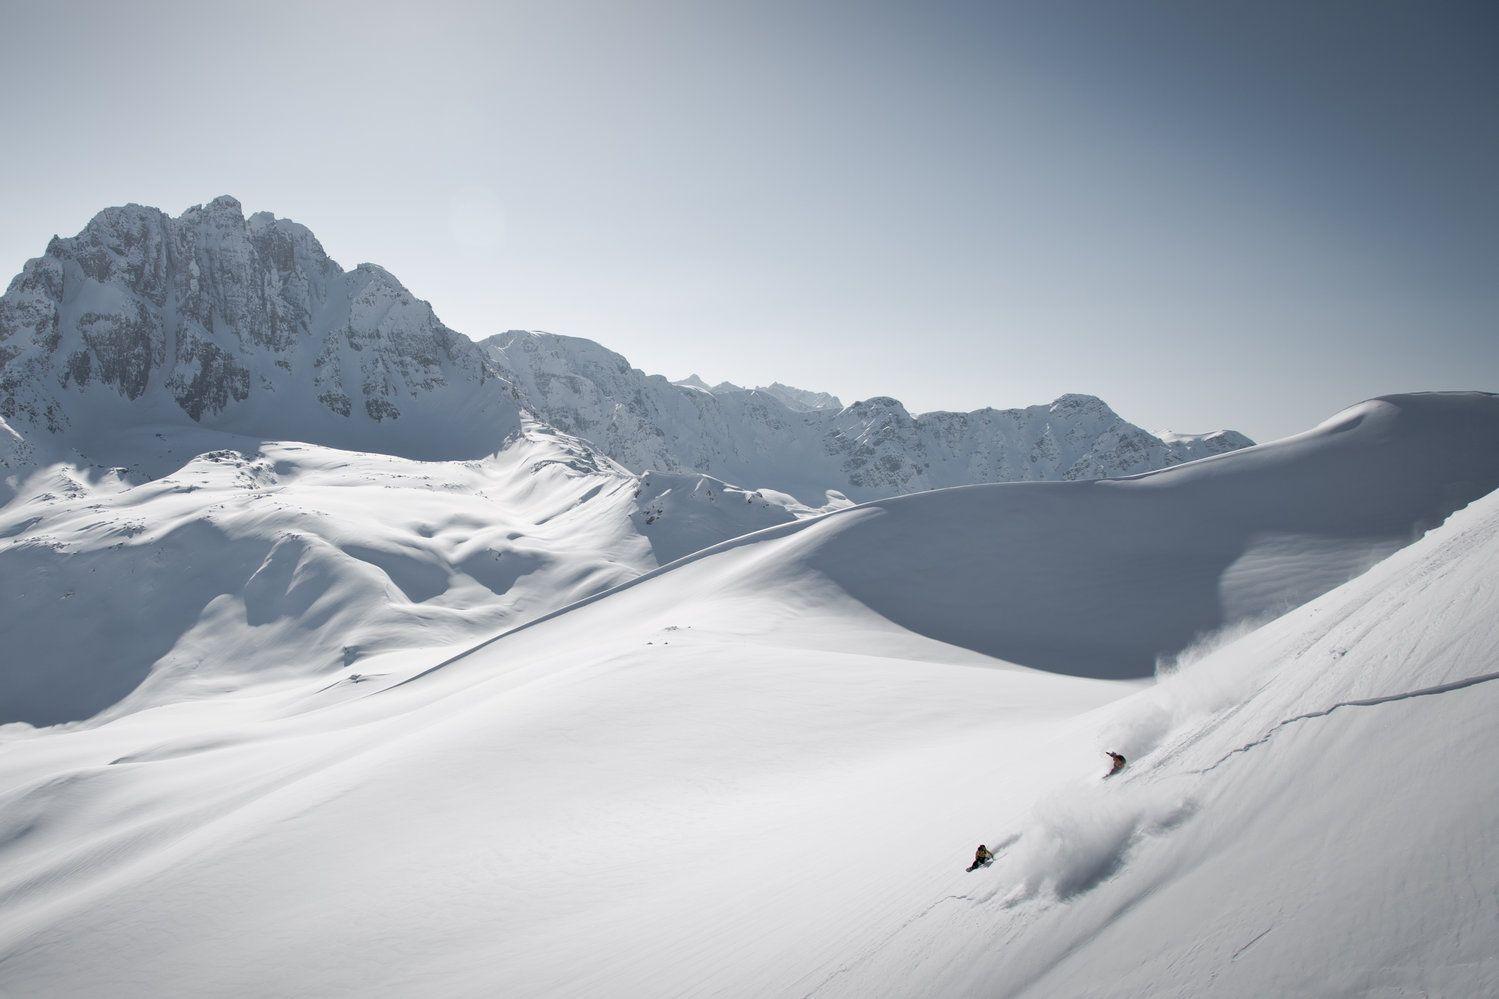 Gulmarg hat die höchste Gondelbahn der Welt. Das Problem? Der Skiort liegt in einem Kriegsgebiet.